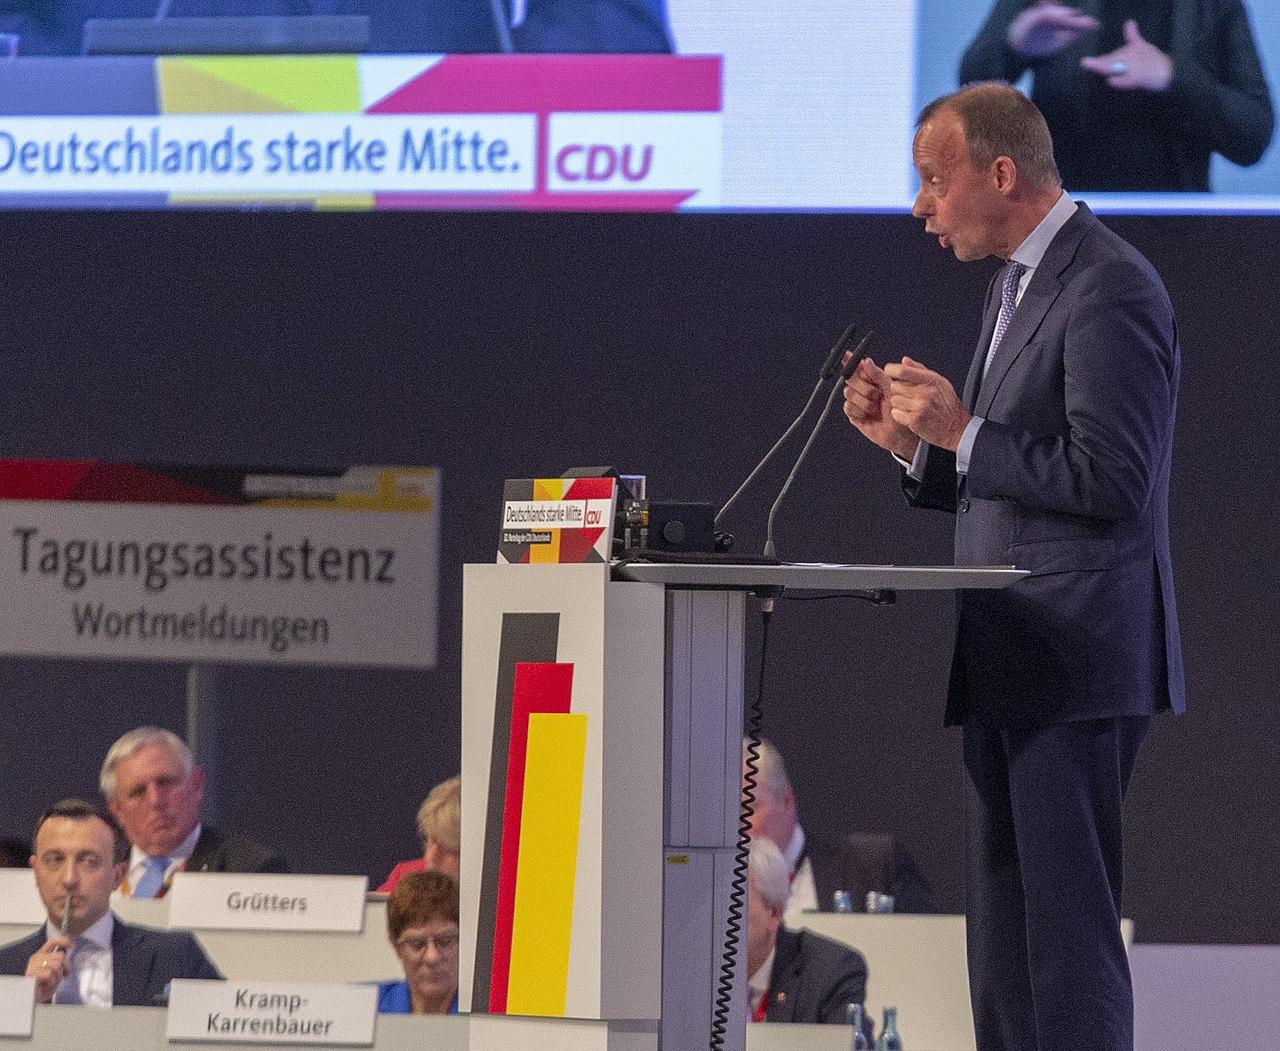 2019-11-22 Friedrich Merz CDU Parteitag by OlafKosinsky MG 5737.jpg